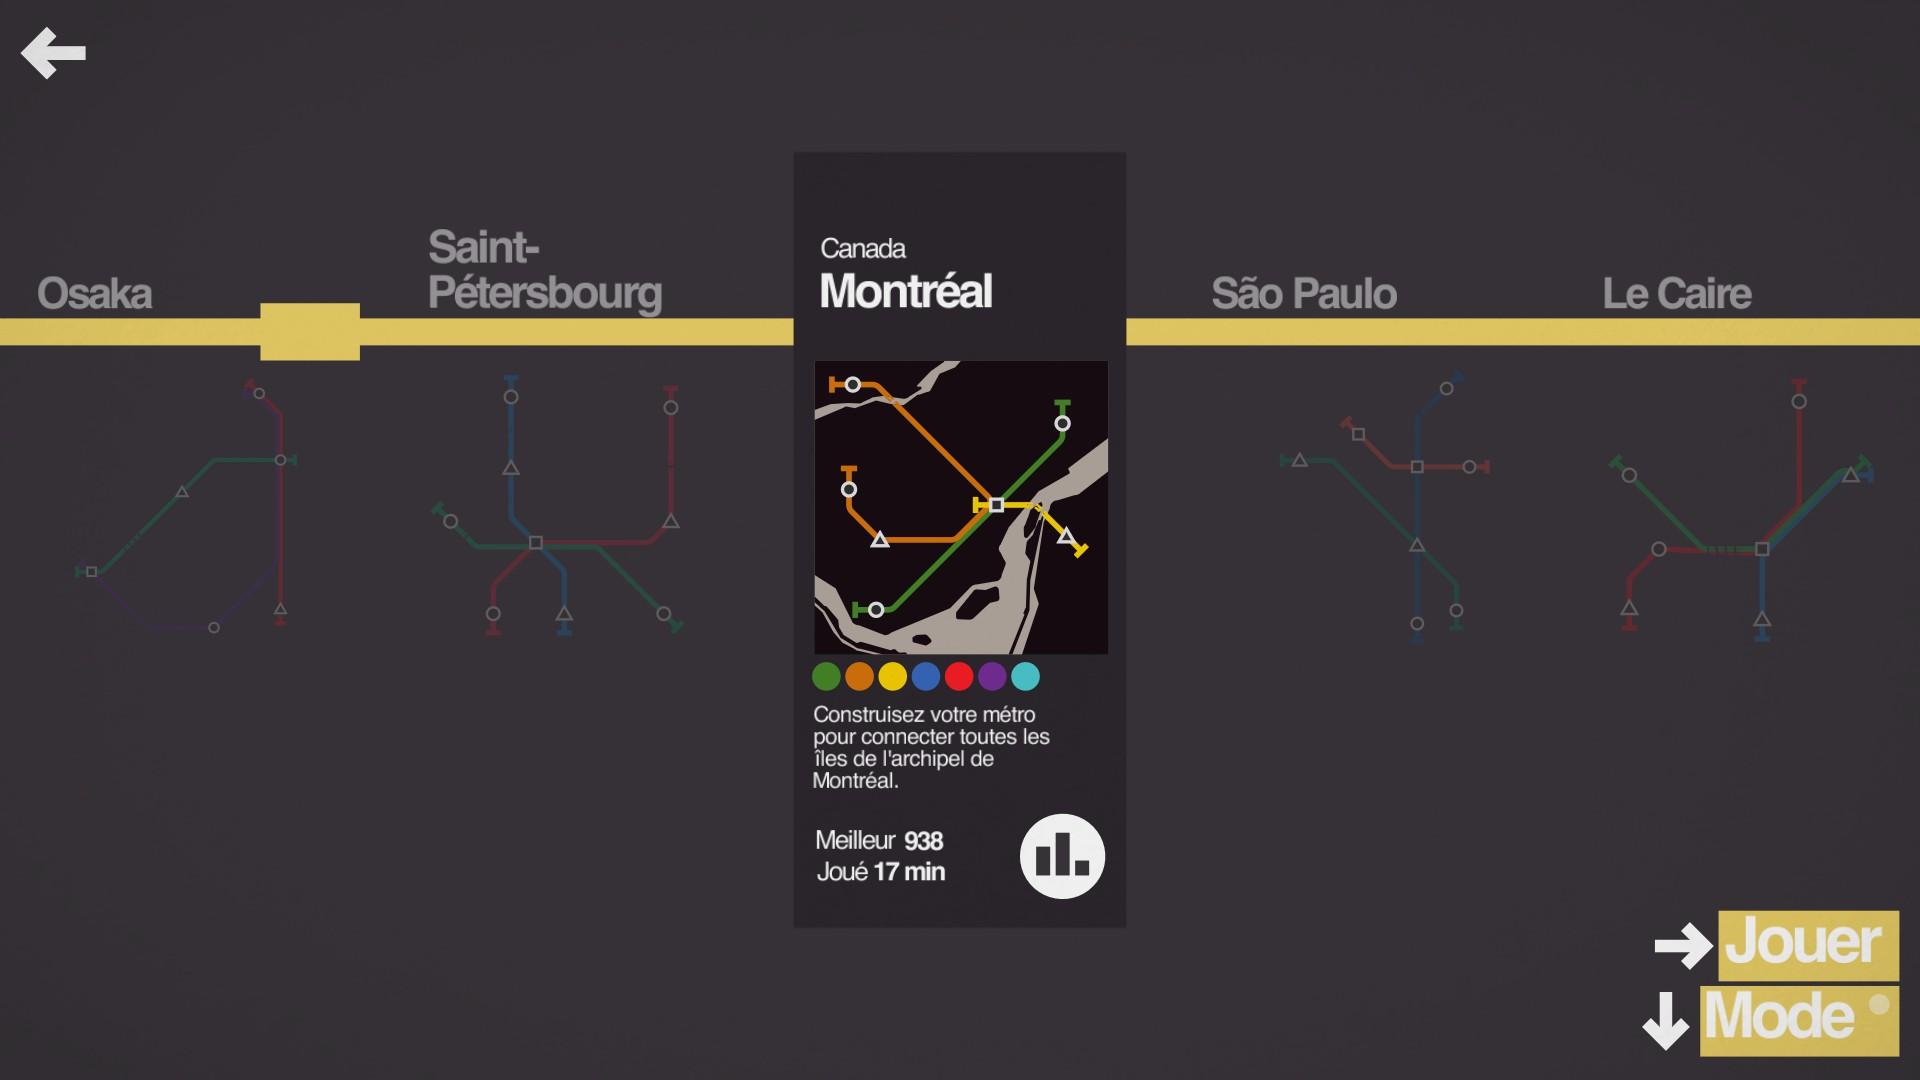 Mantalow: Mini Metro [Montréal] (PC) 938 points on 2015-09-30 13:13:23